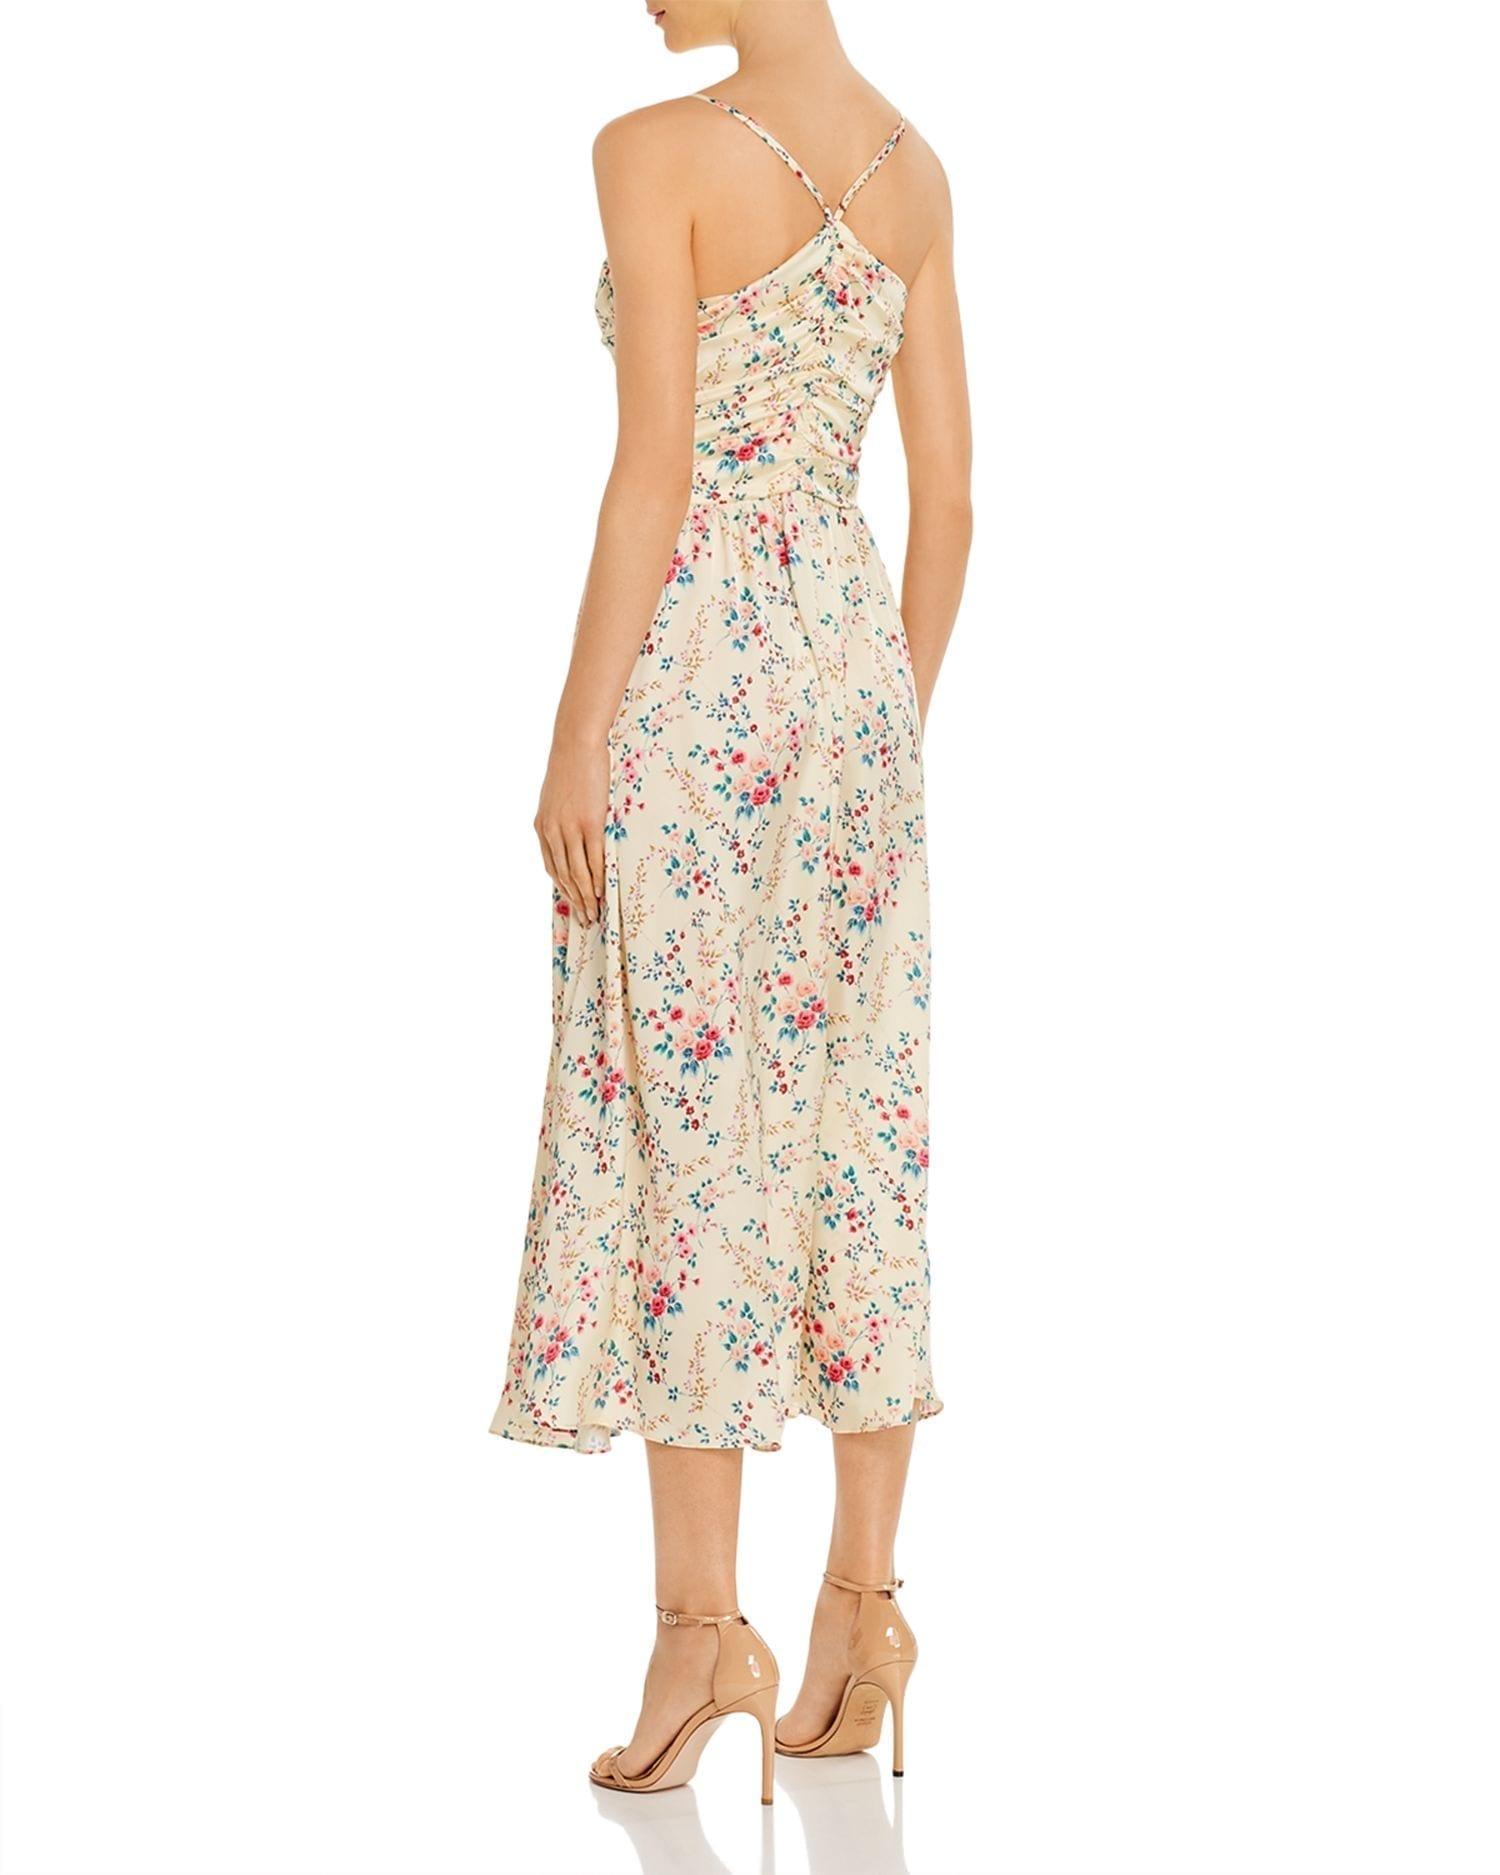 JILL JILL STUART Ruched Floral Midi Dress